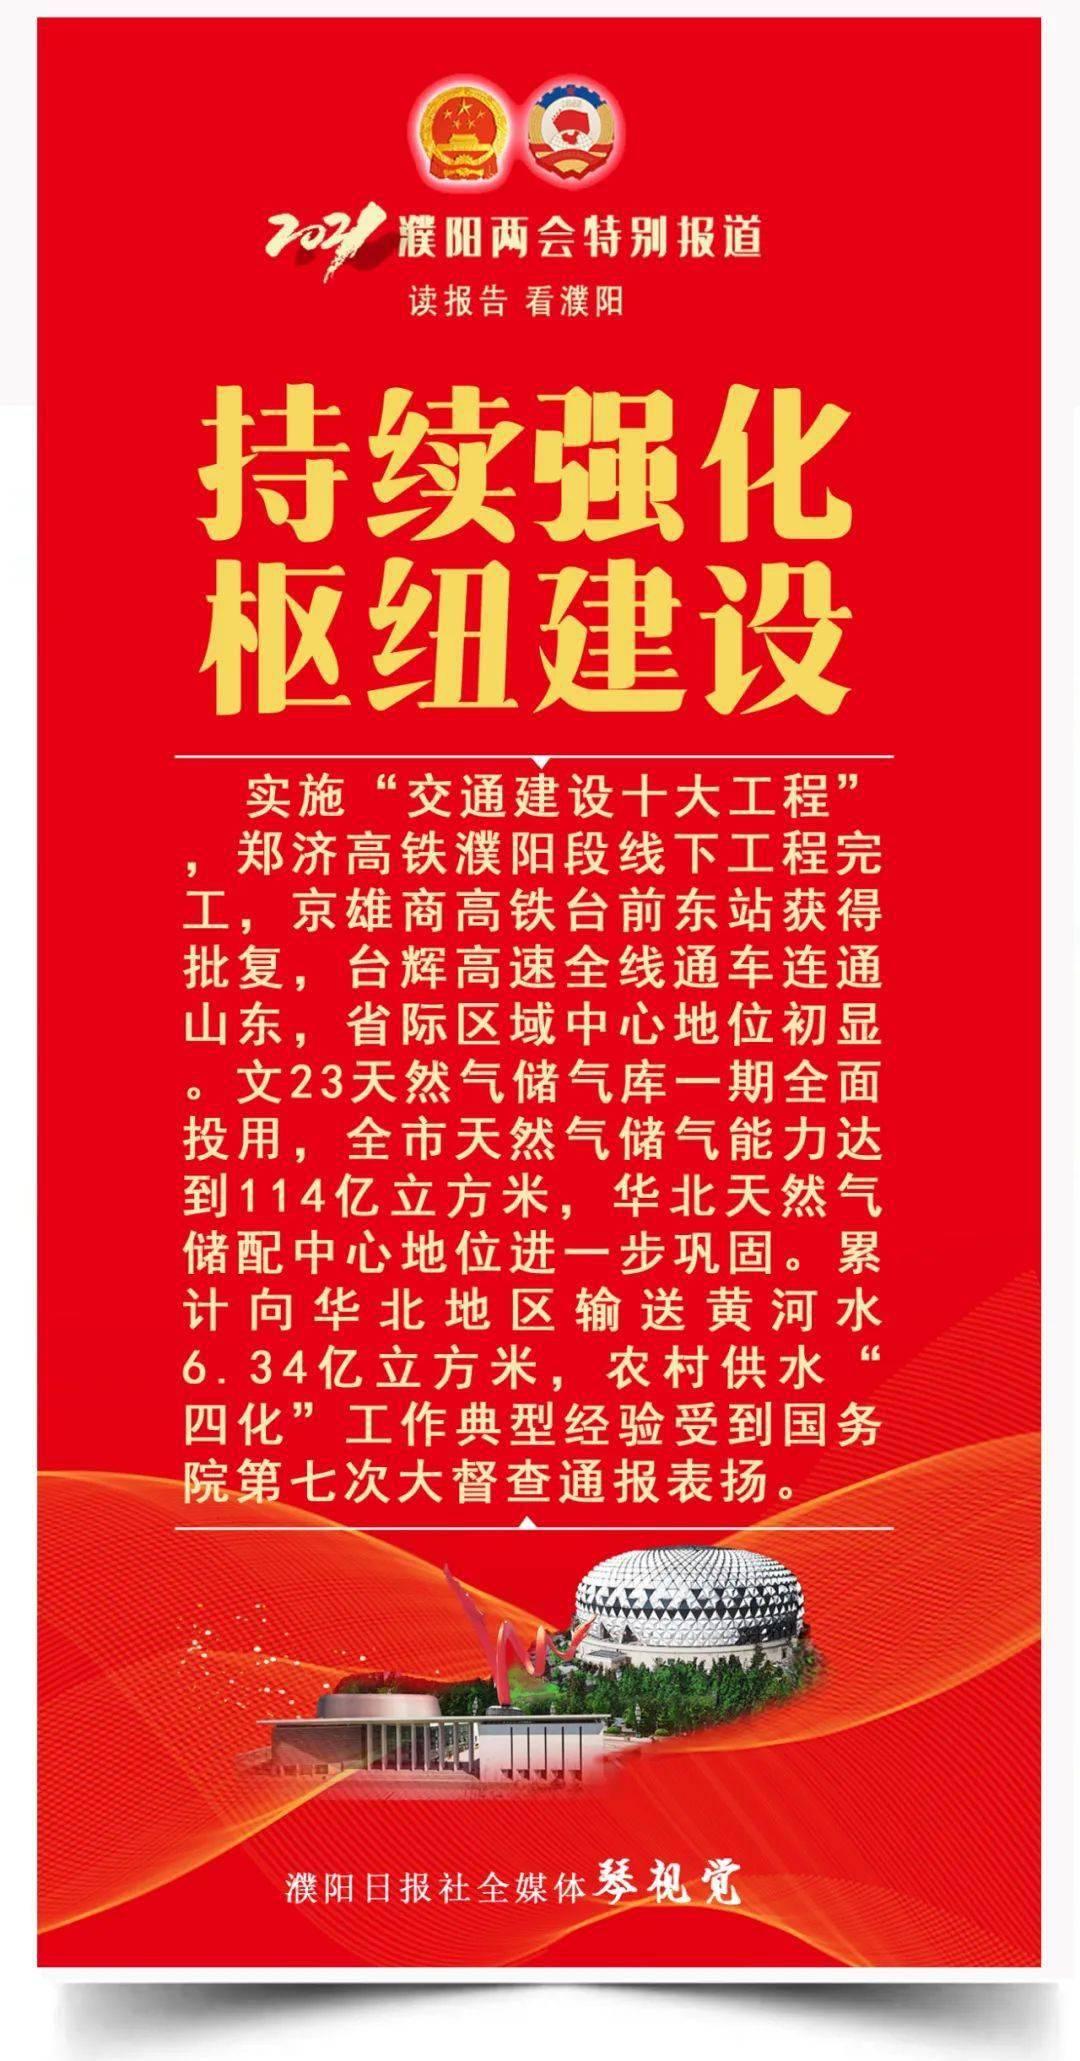 琴视觉丨听政府工作报告,为濮阳点赞!